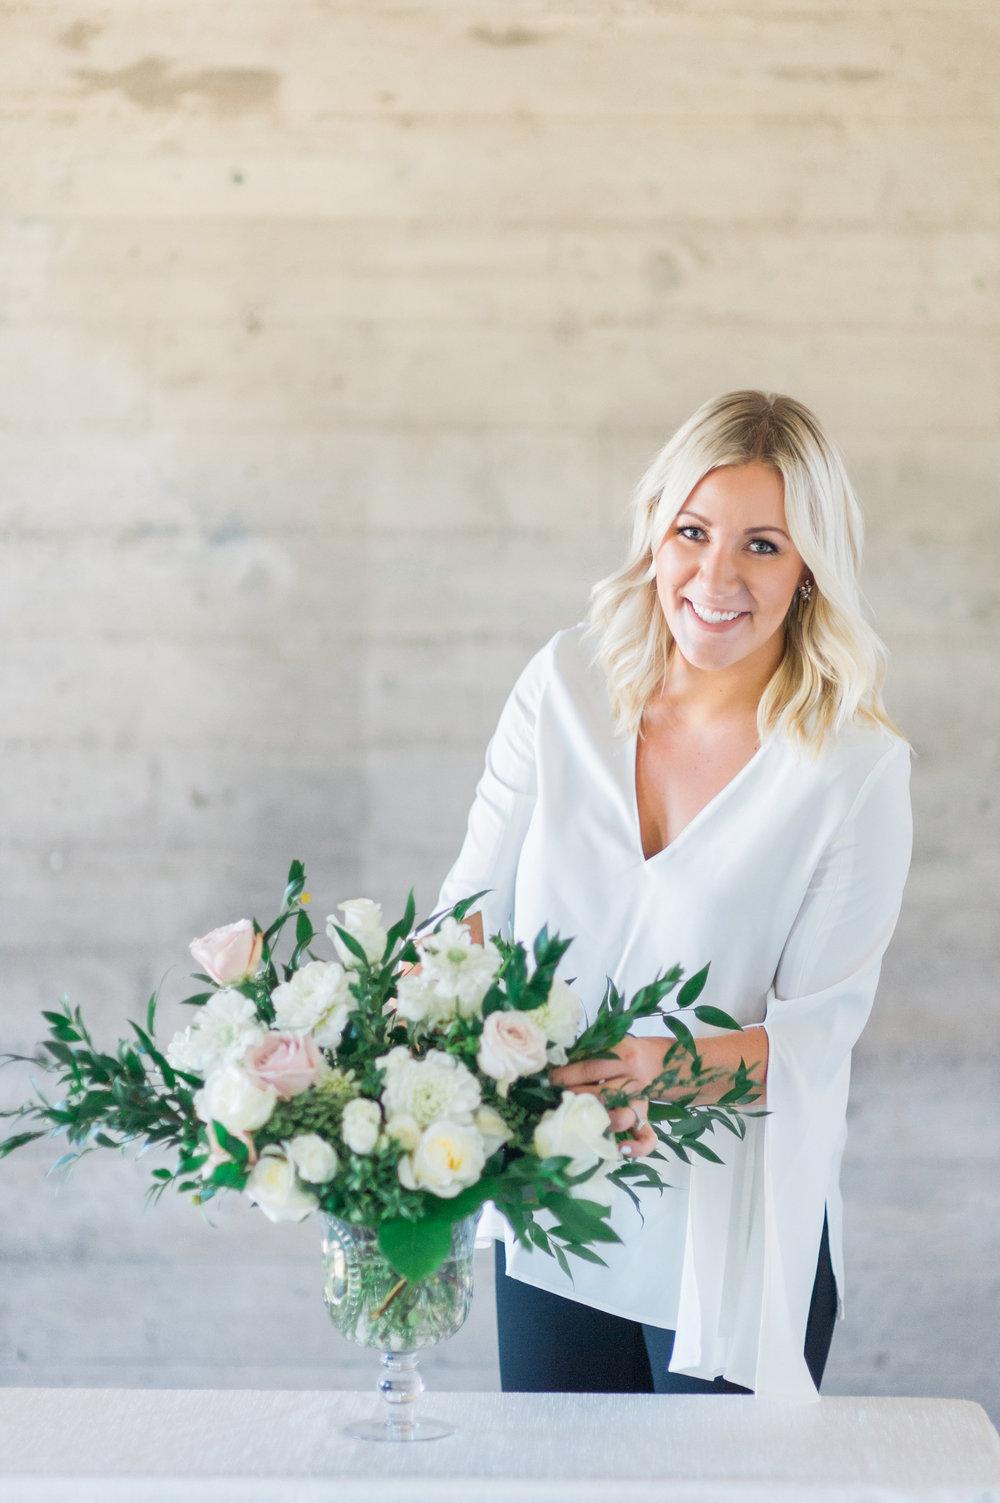 Floral & Design House Megan Wedding Planner